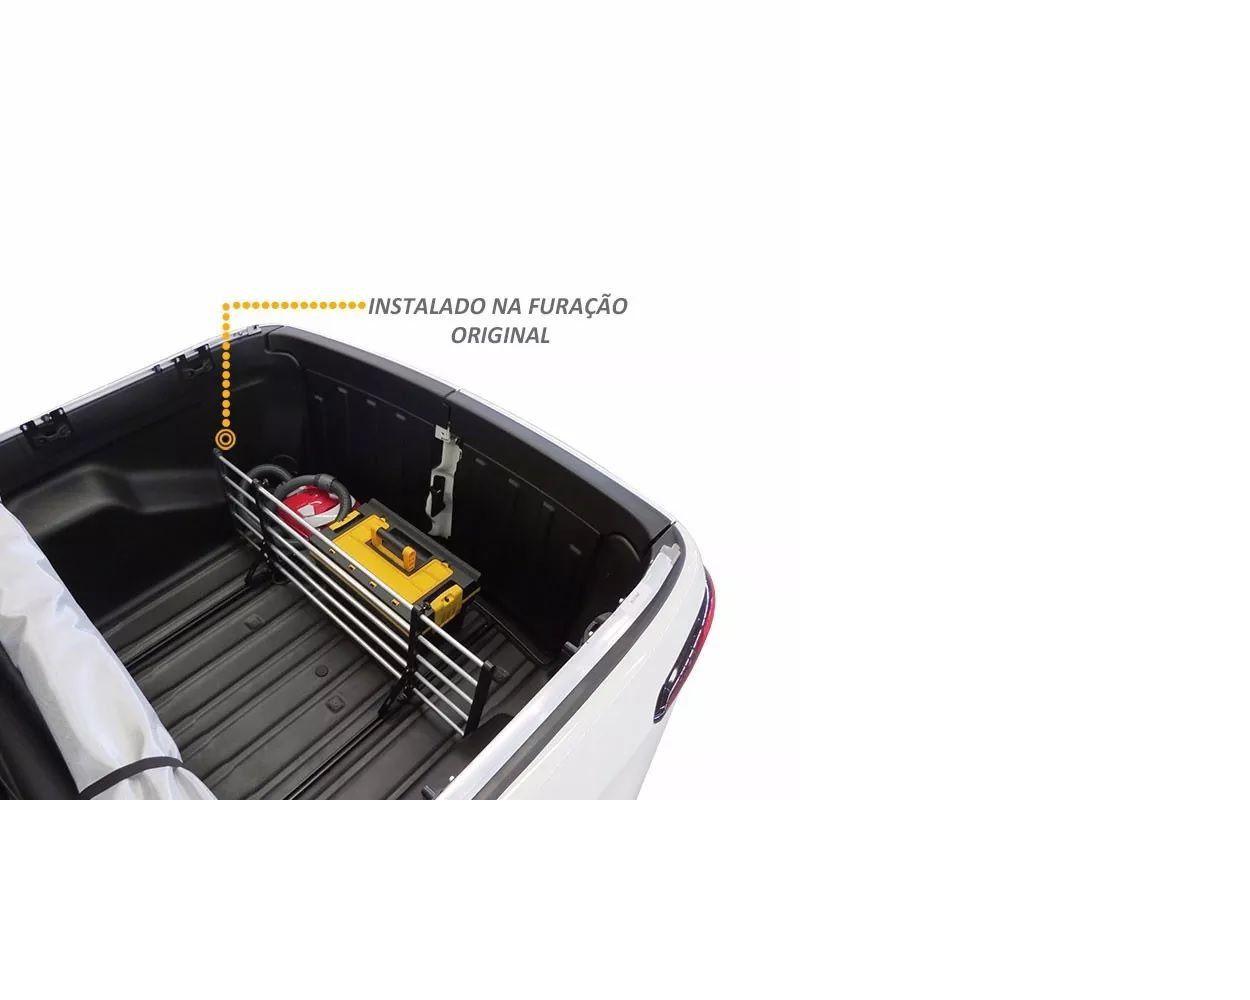 Separador de Cargas p/ Pickup Flash Cargo Alumínio Ajustável